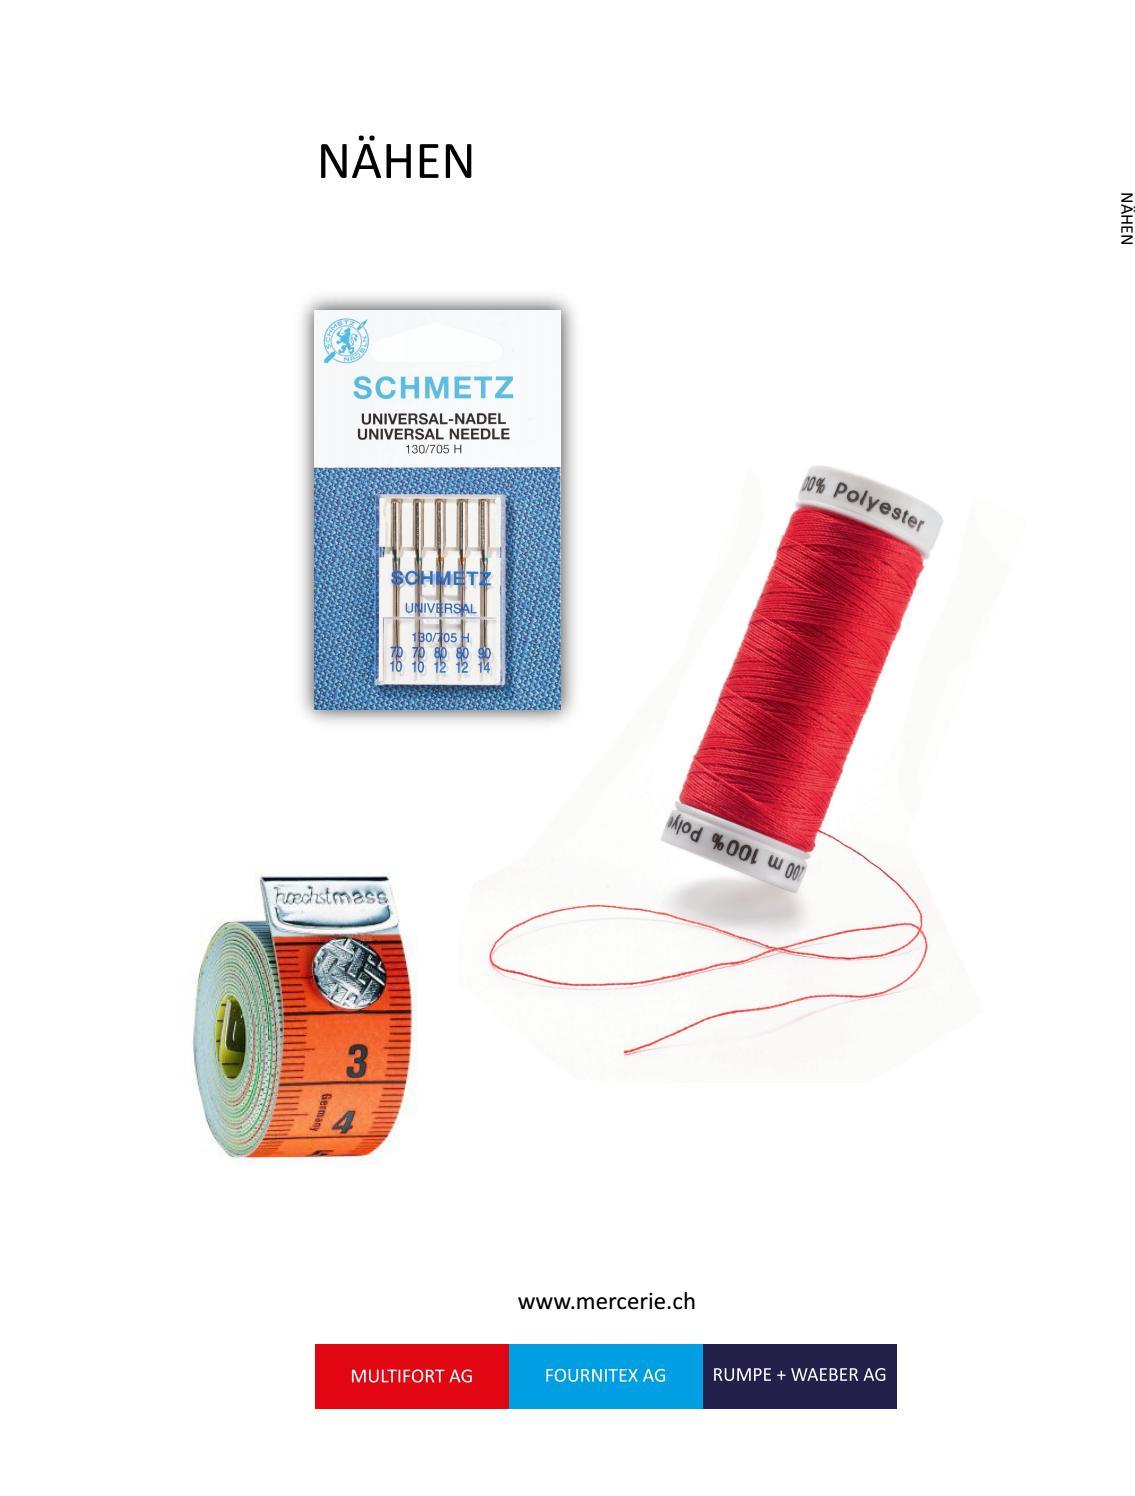 1m Klettband 1,6cm 16mm Hakenband+Flauschband zum aufnähen